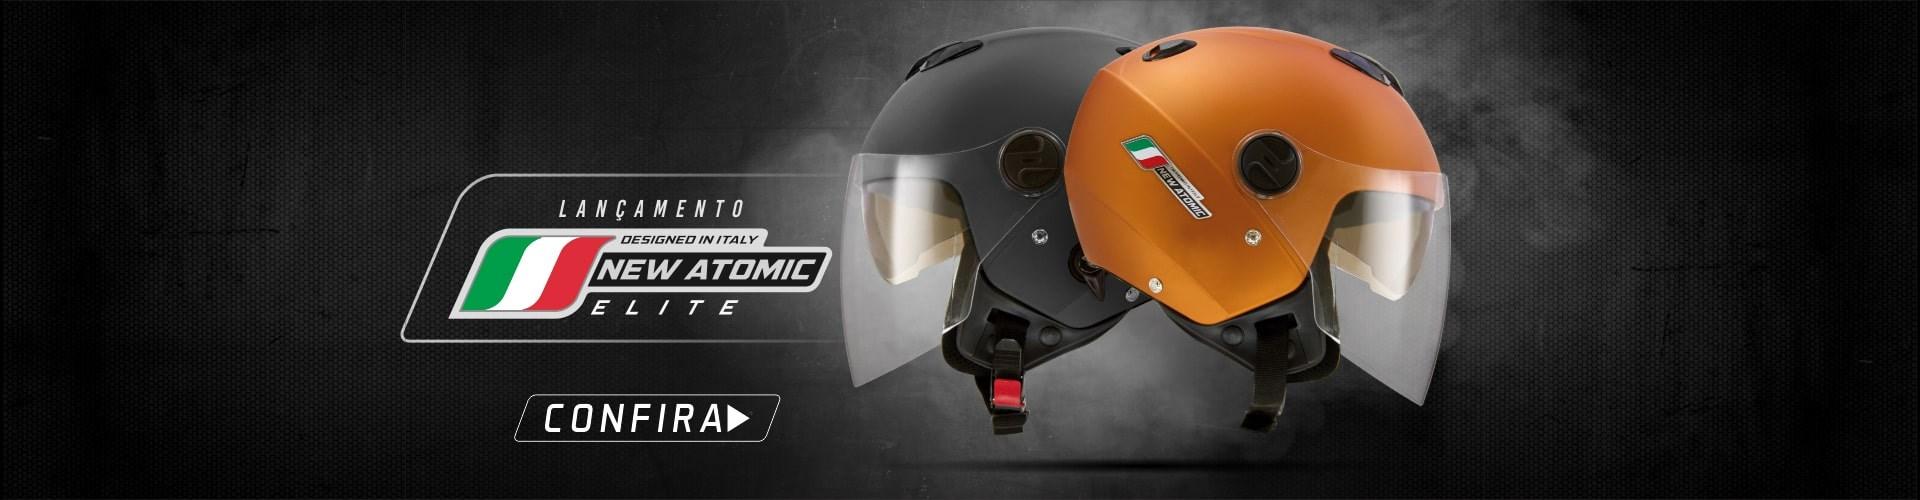 New Atomic Elite 1